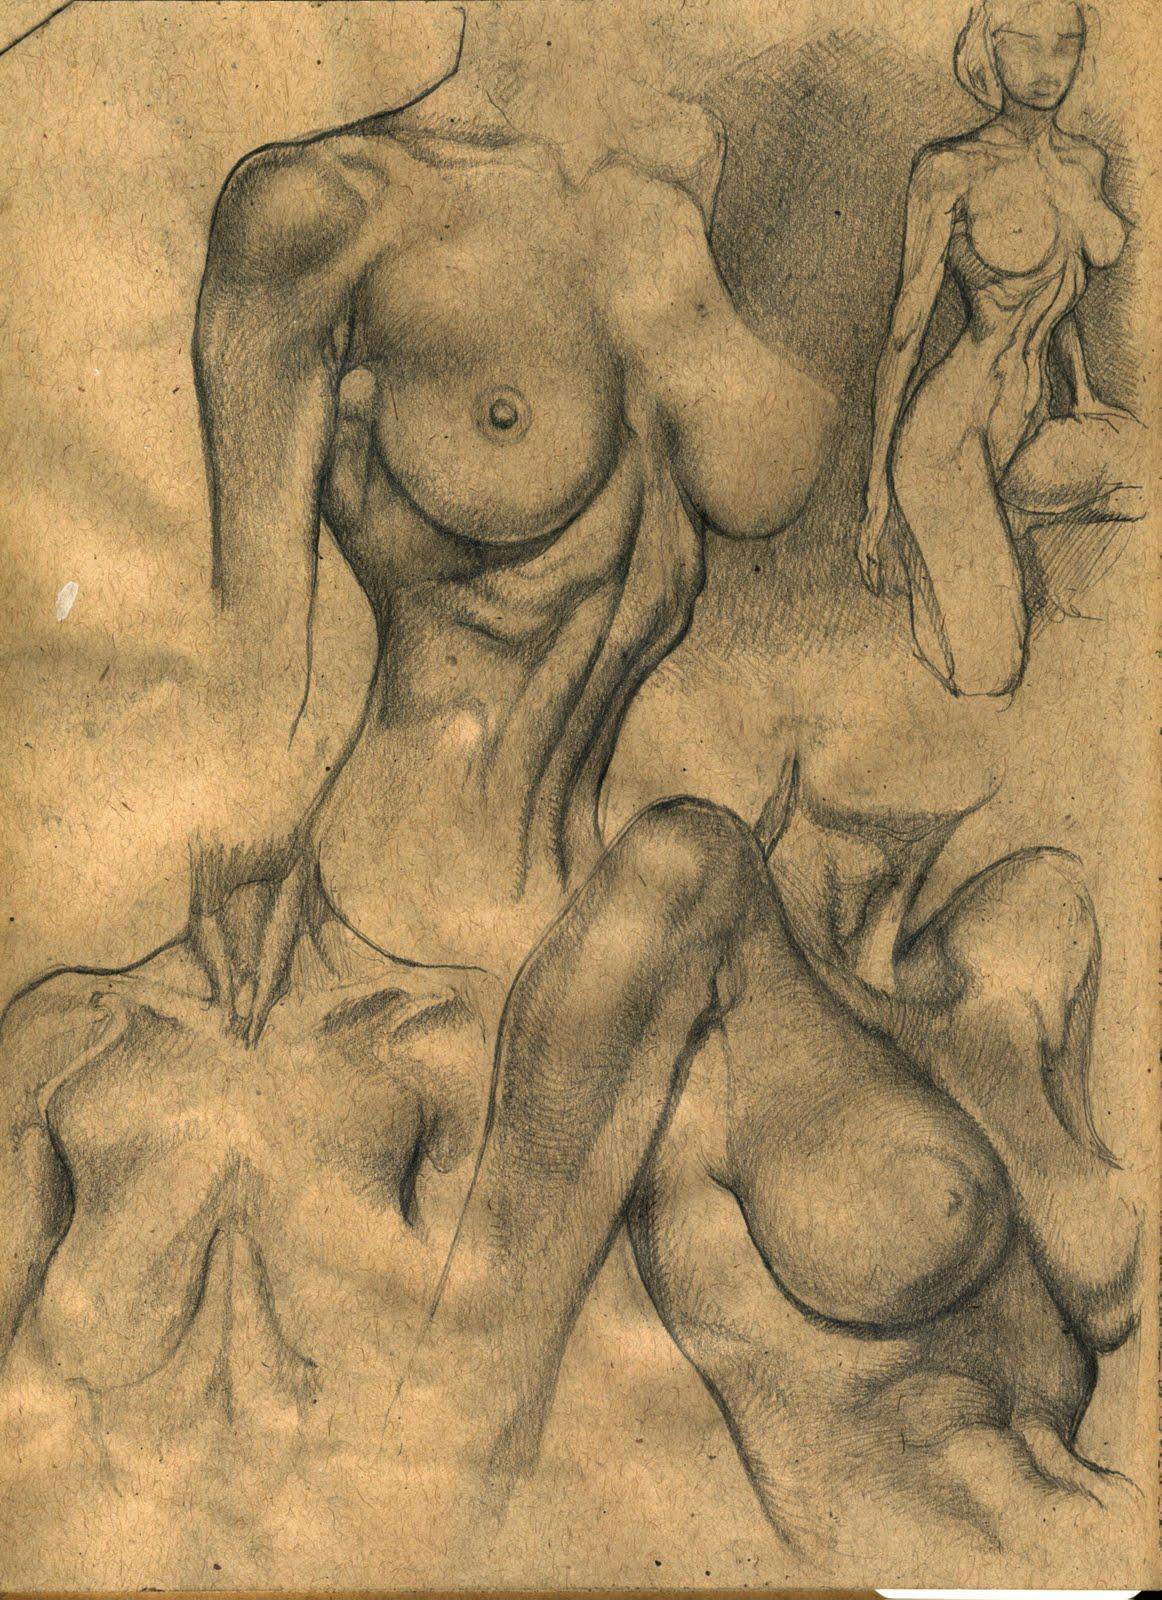 Artist Proof Studio: Komoda Anatomy Studies - Lost Sketchbook pages ...